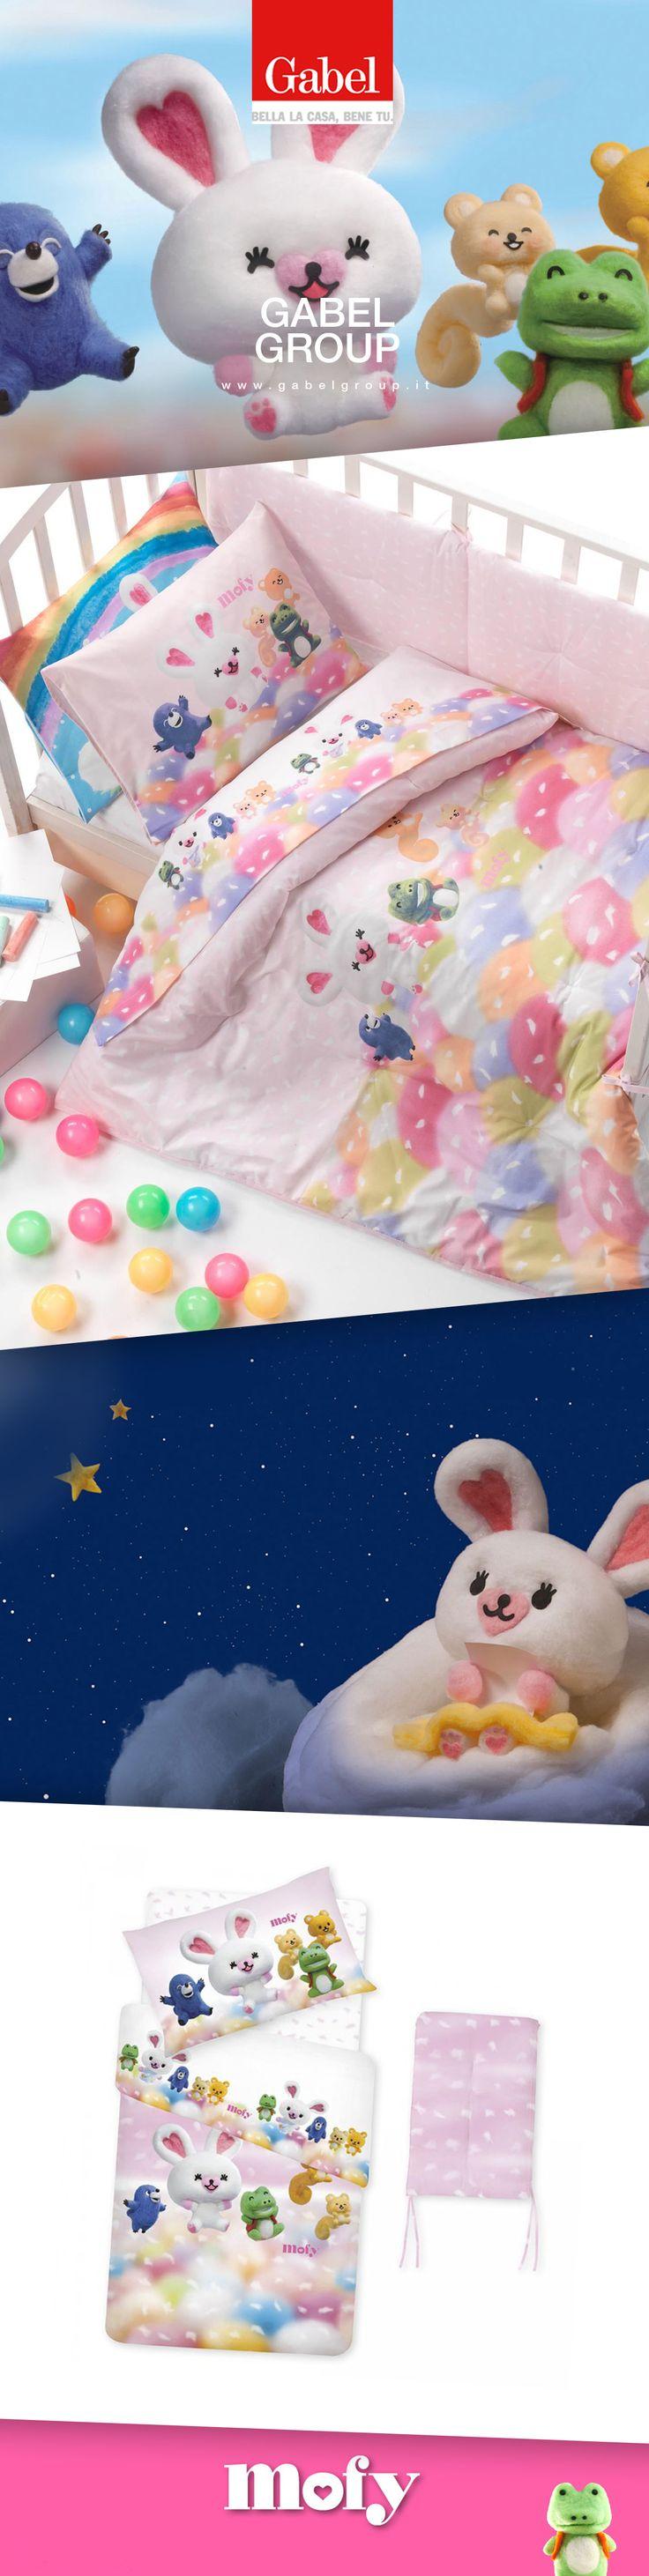 #Mofy accompagnerà i vostri #bimbi durante i loro #sogni...non si sentiranno mai soli nel loro #lettino